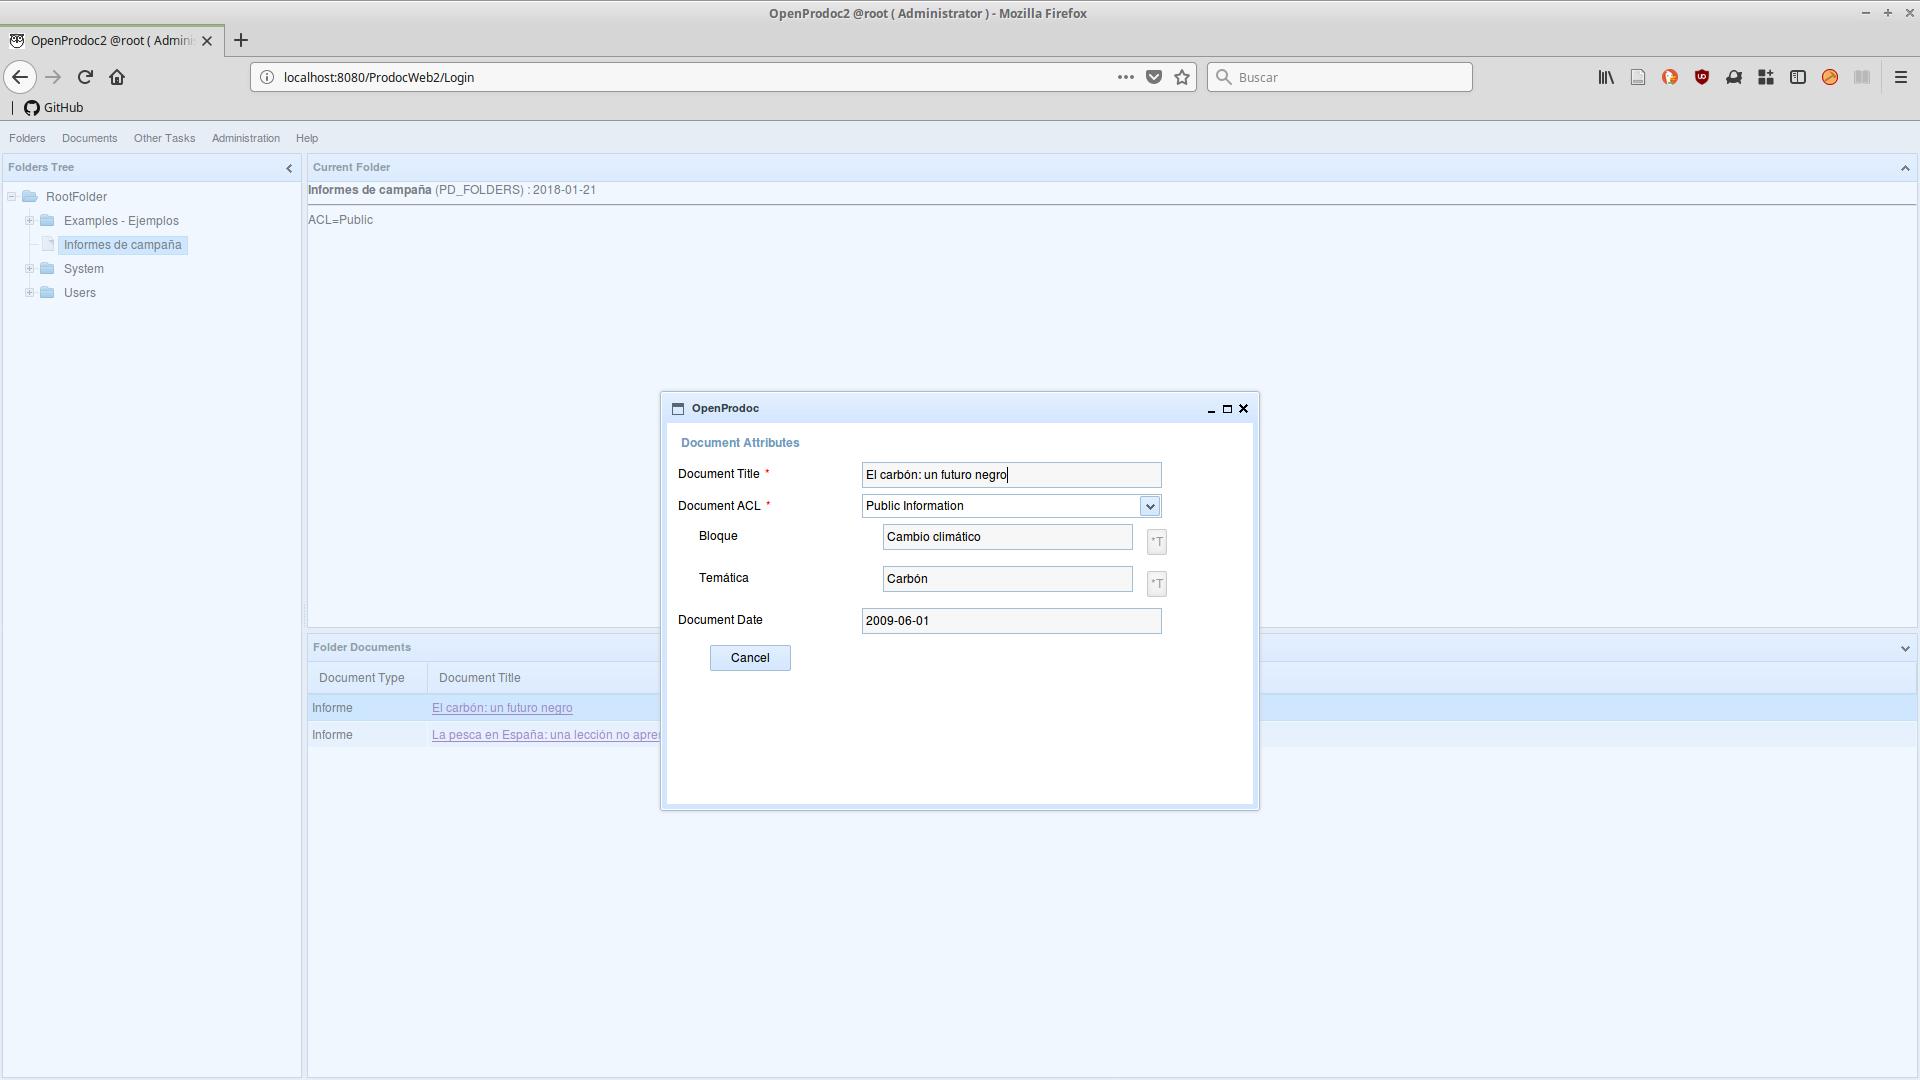 OpenProdoc 2.1 es compatible con tesauros multivaluados